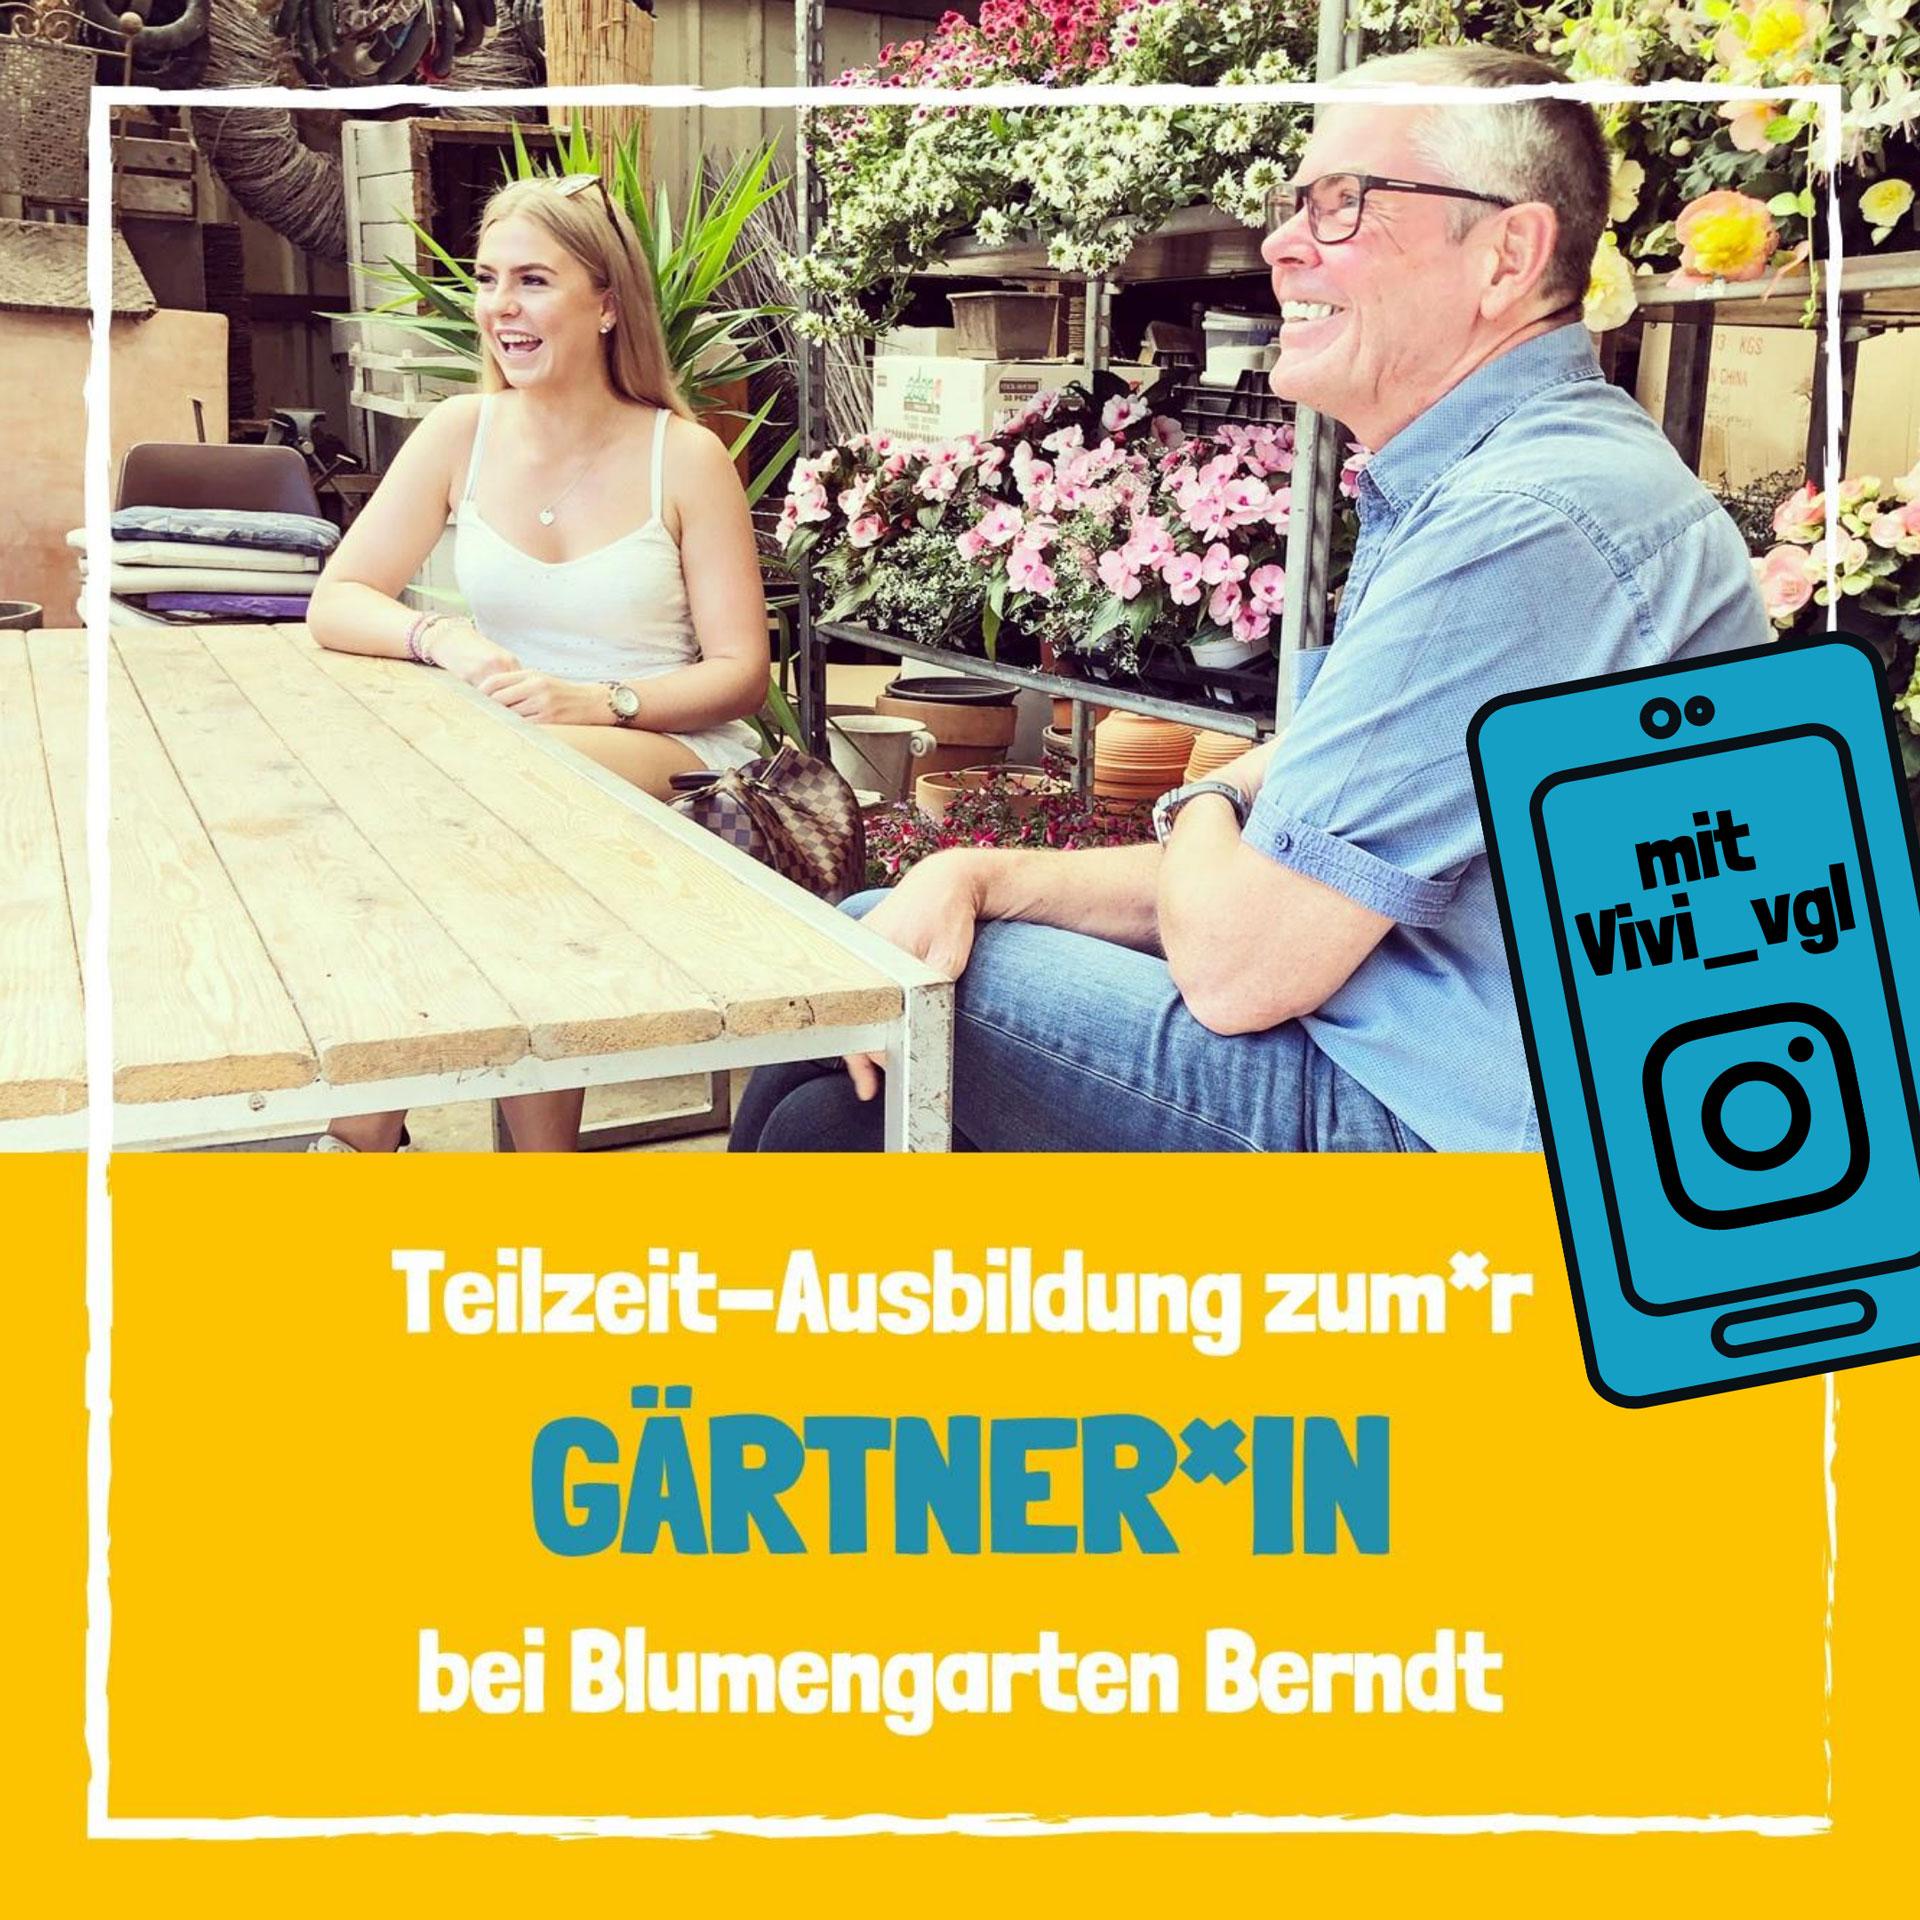 teilzeit-ausbildung-gaertner-blumengarten-berndt